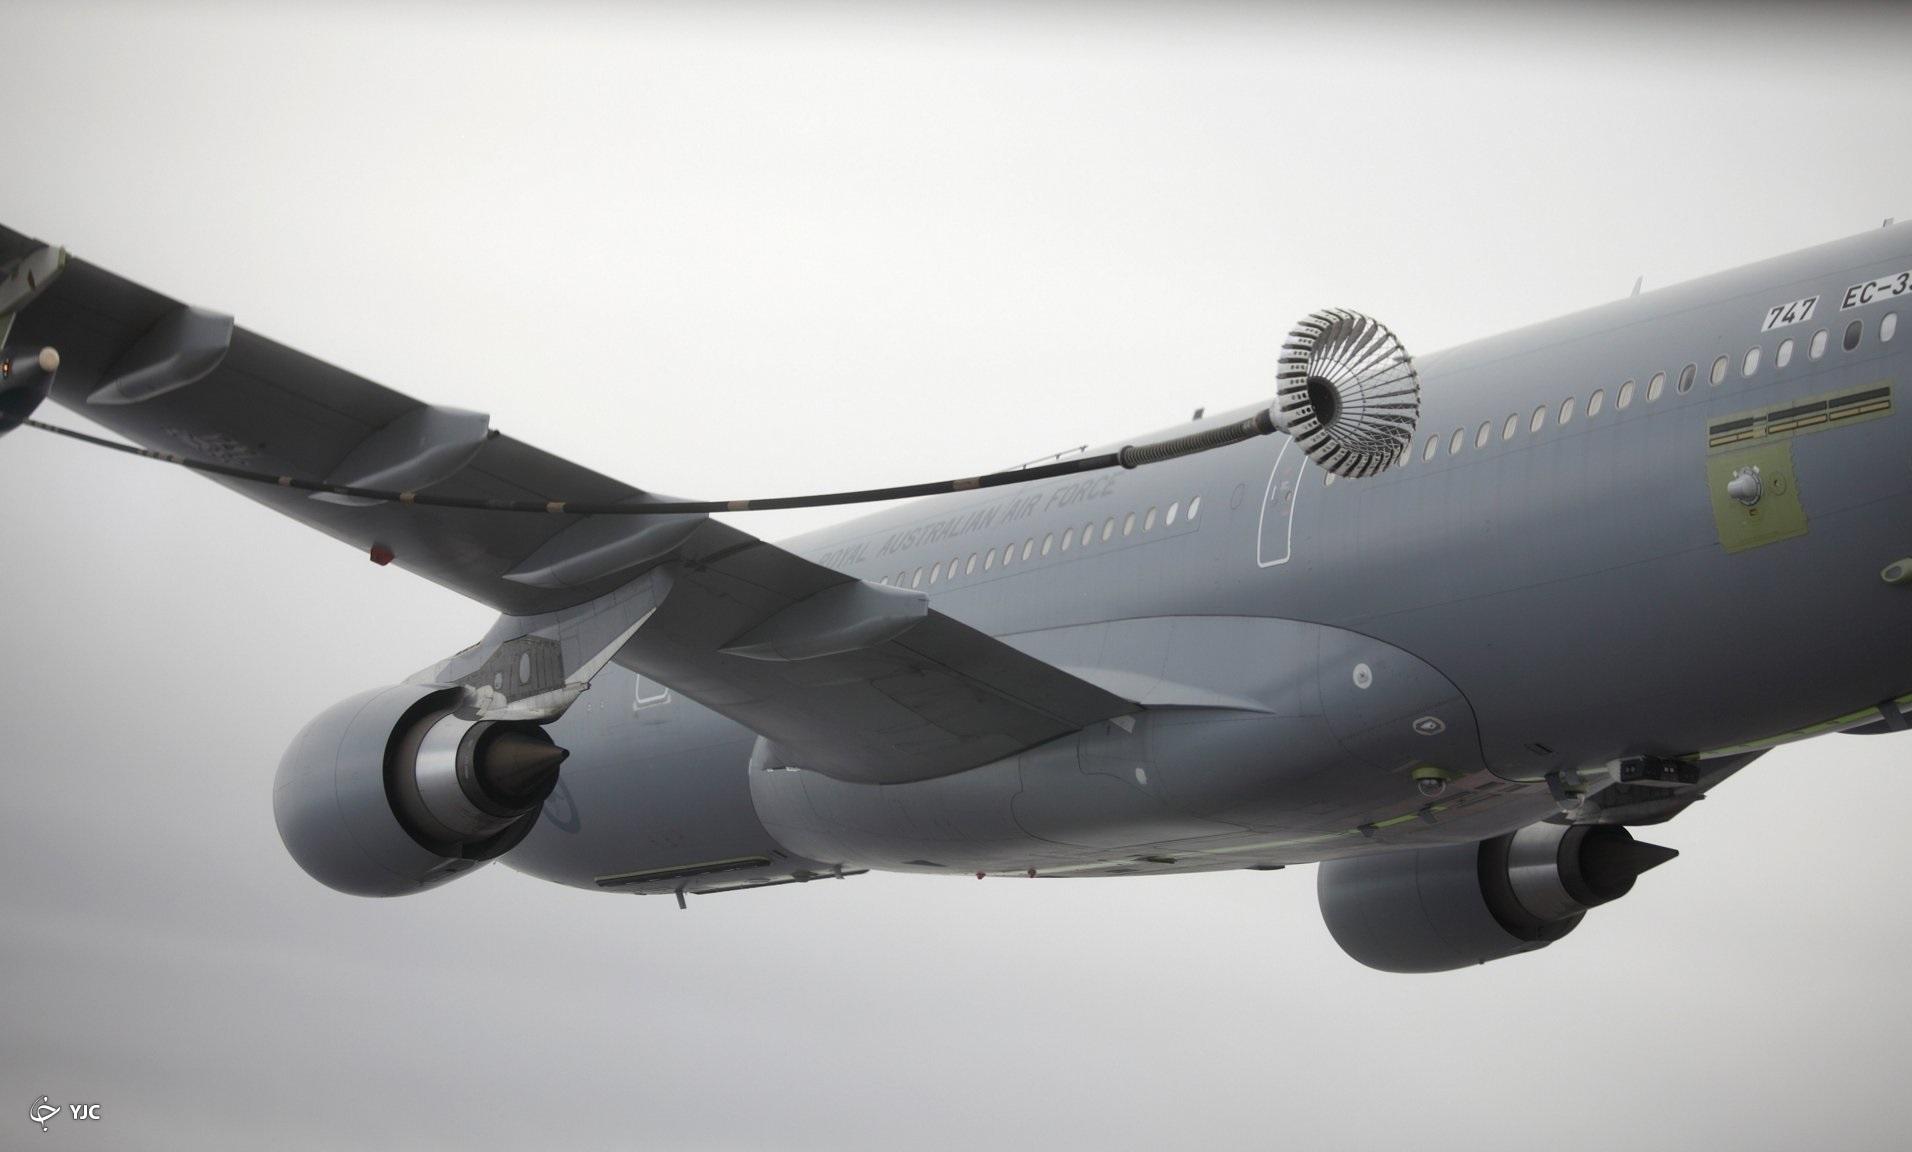 پمپ بنزین هوایی؛ سوختگیری هواپیمای در حال پرواز